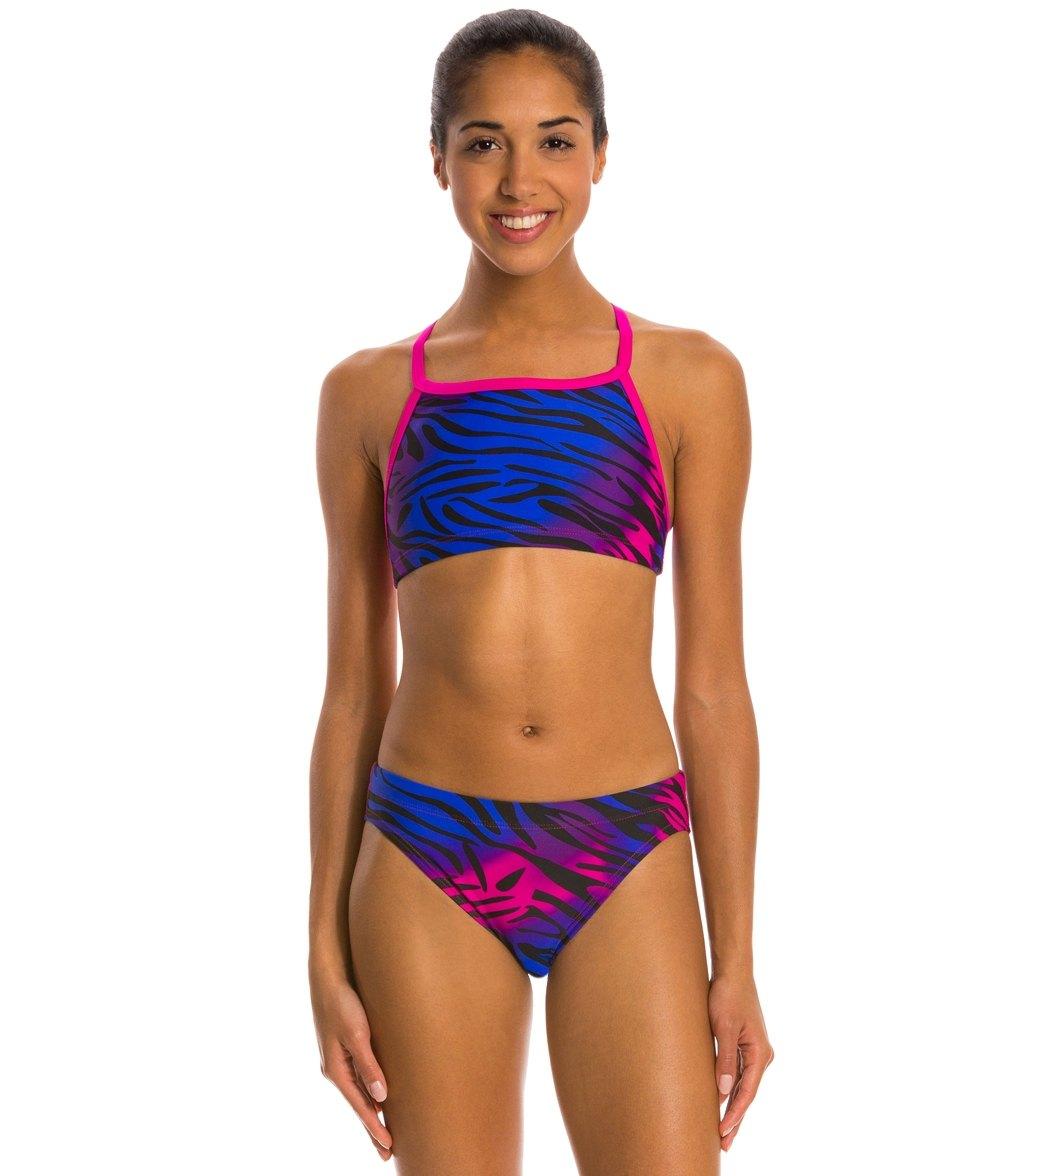 18499df9c6 Waterpro Women's Fierce Two Piece Swimsuit Set at SwimOutlet.com